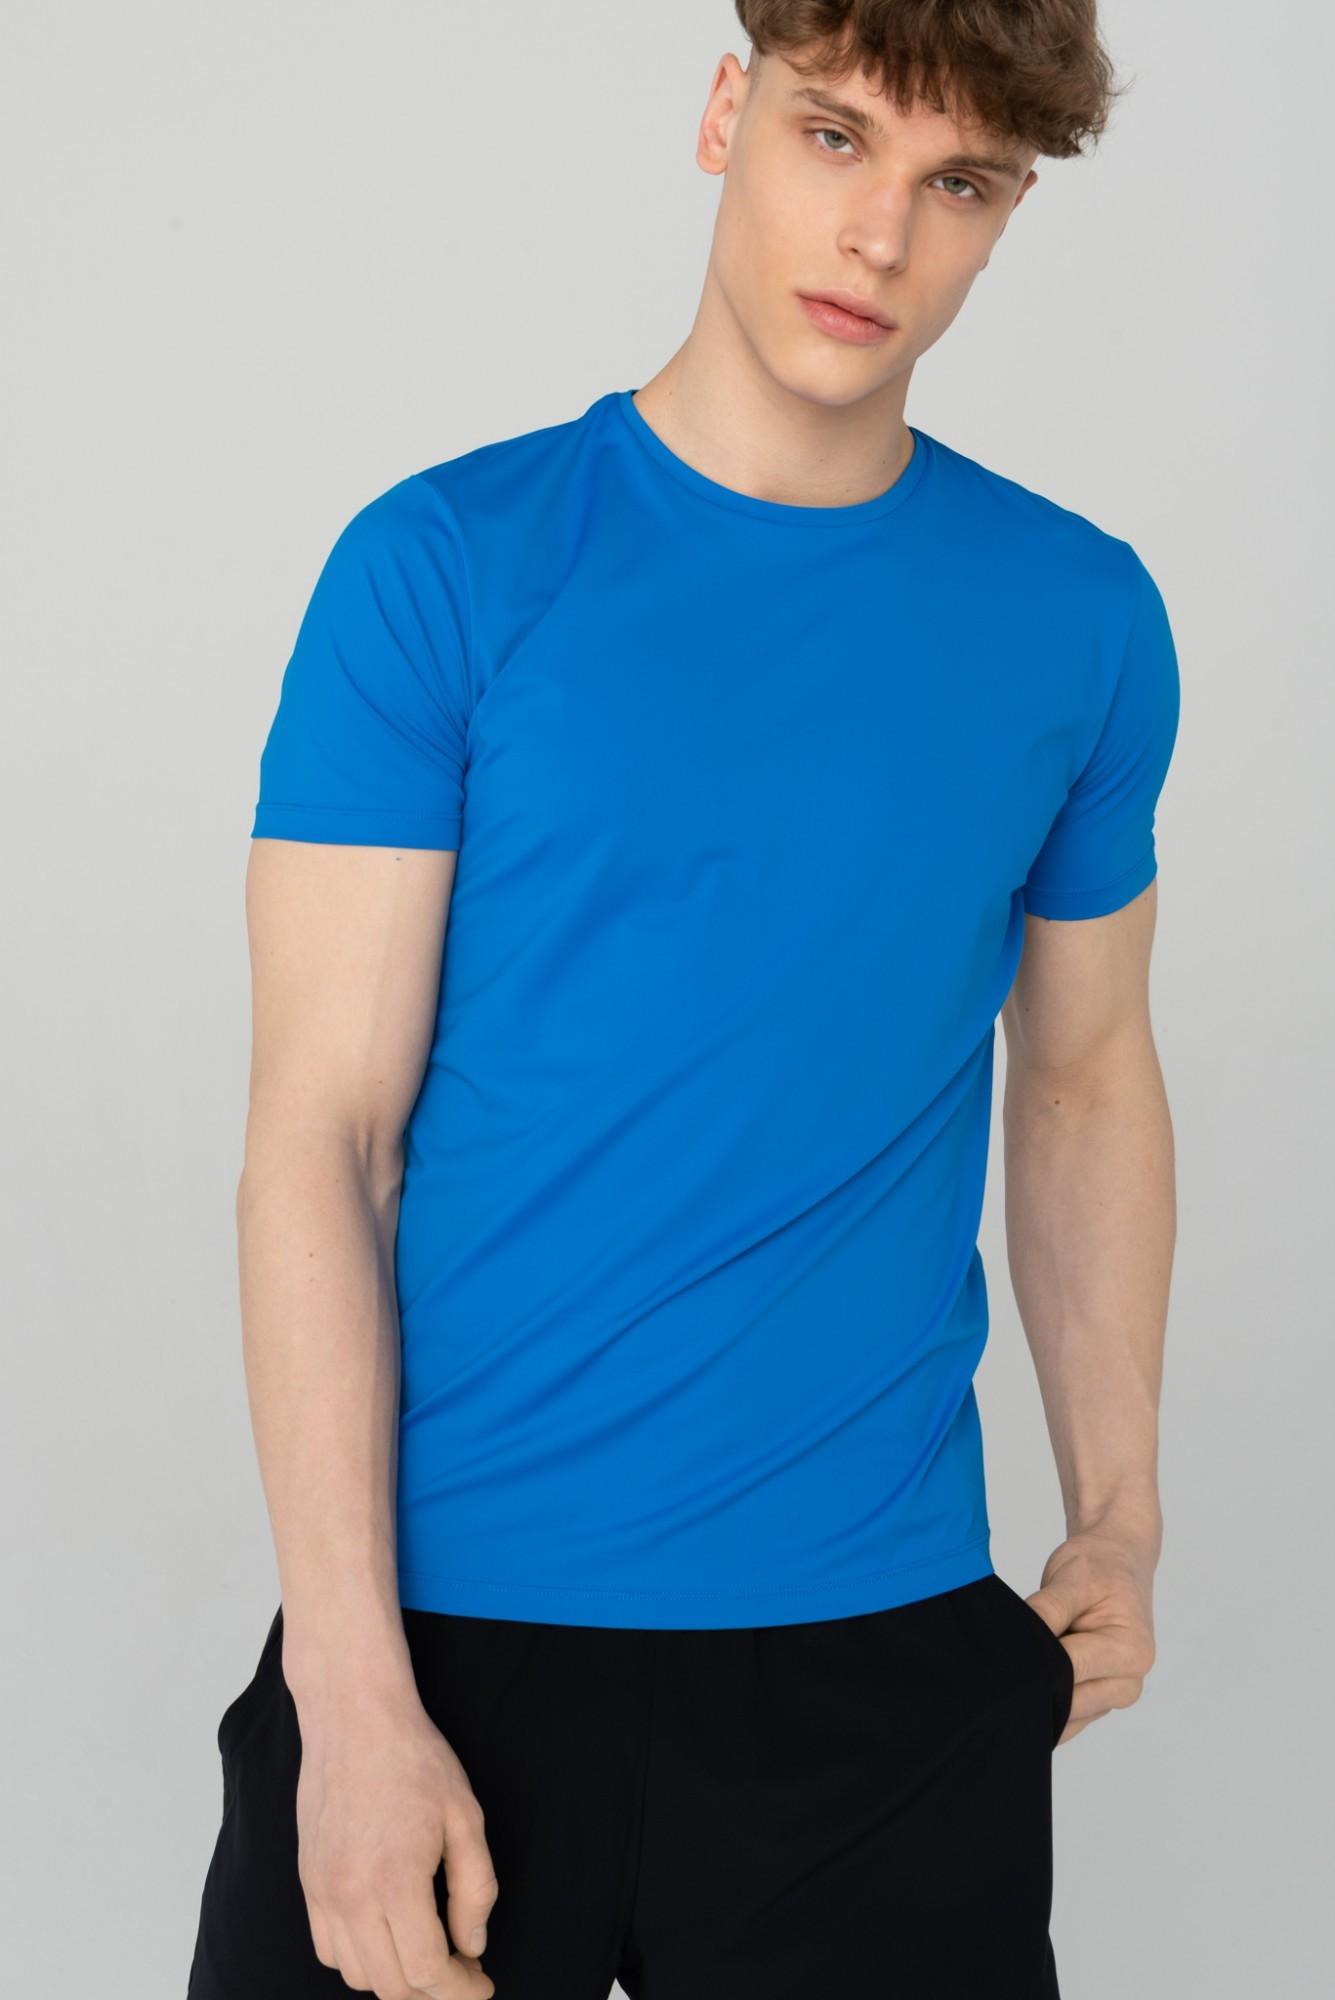 AUDIMAS Apranga Funkcionalūs marškinėliai 1811-495 Skydiver XL